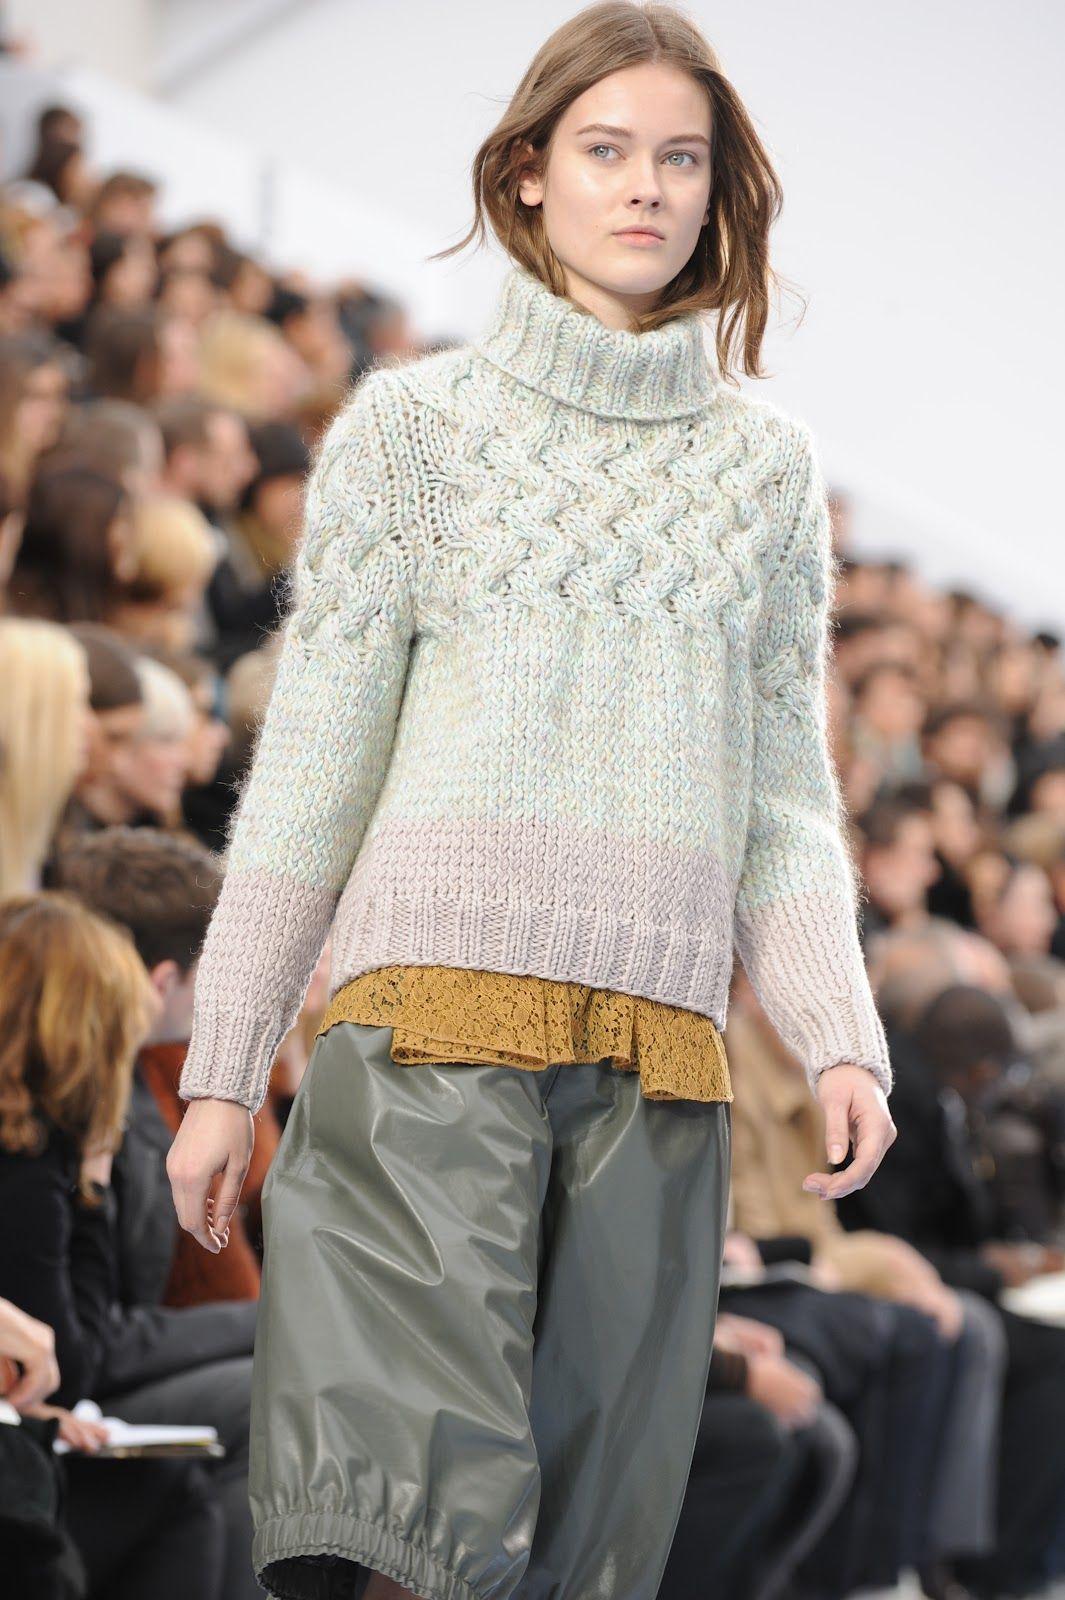 blusa casaco de trico feita a mao chic - Pesquisa Google  ab948956d08